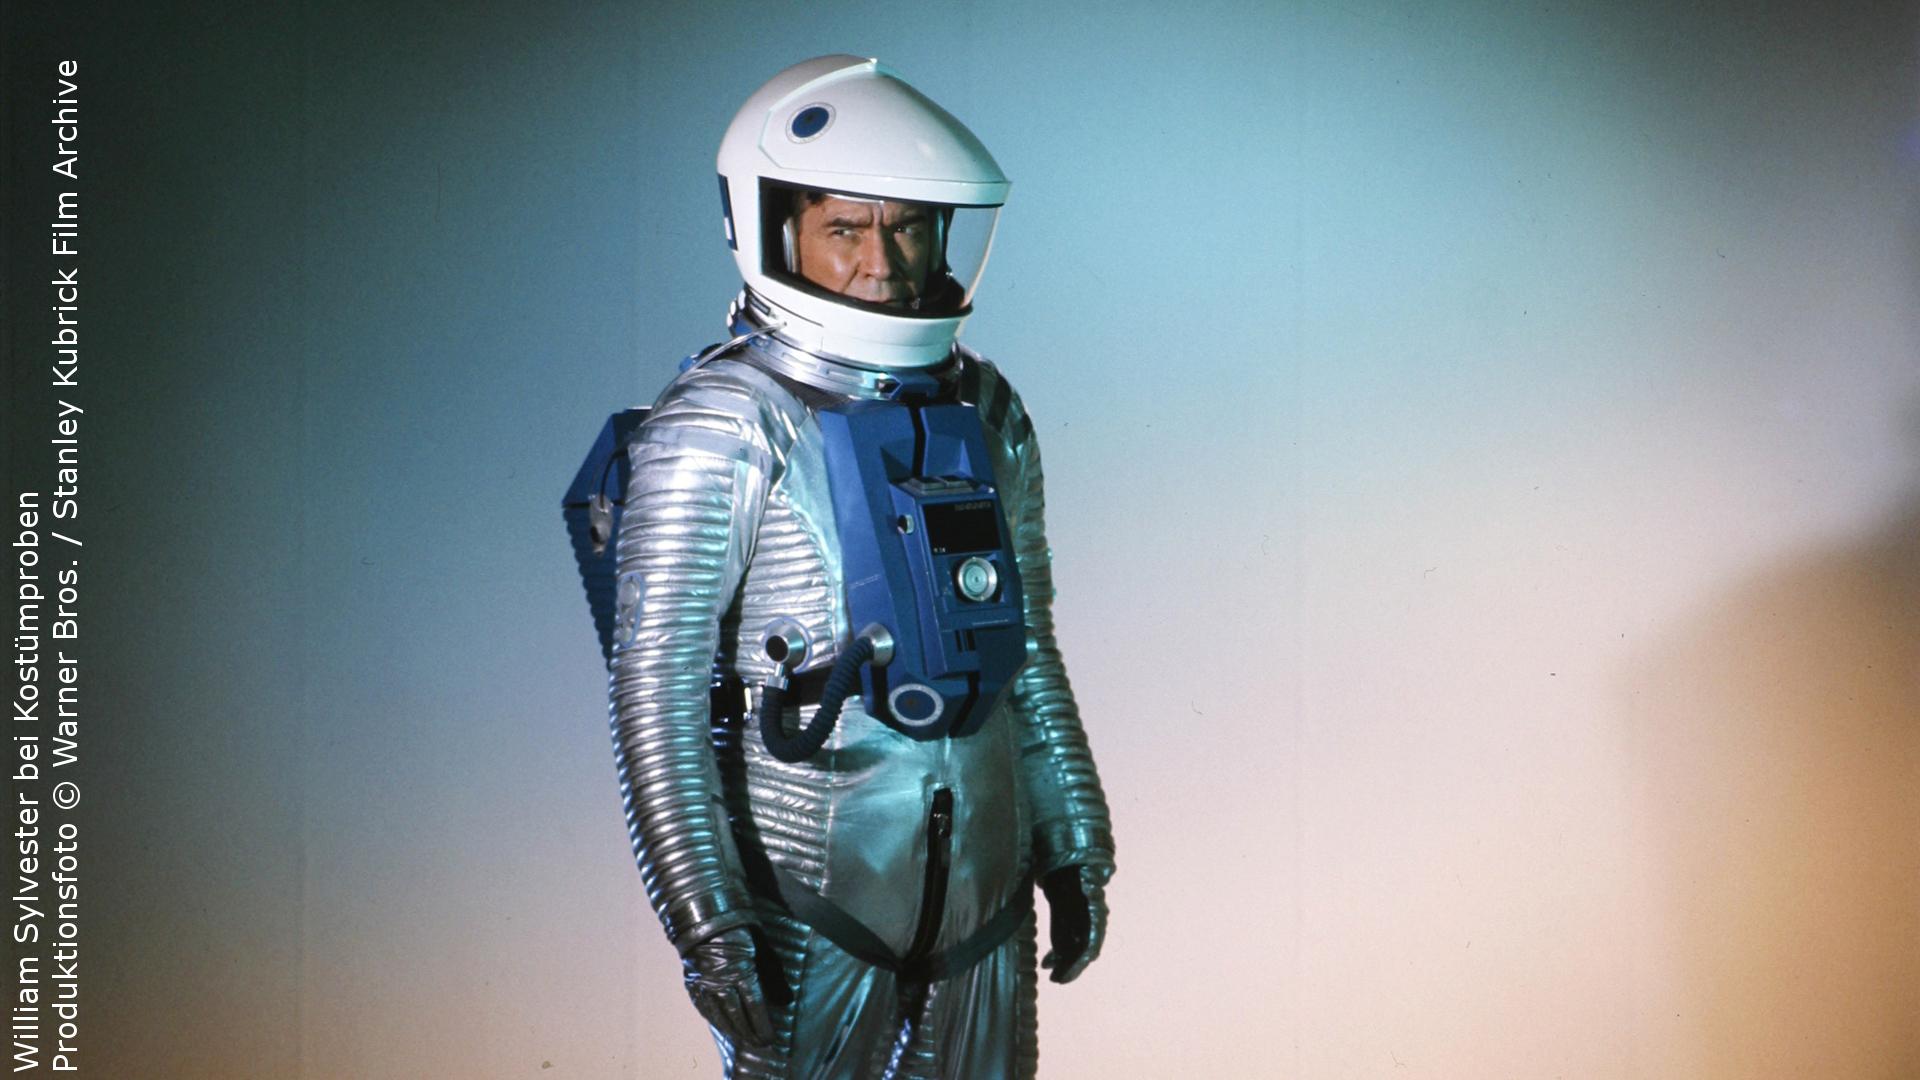 William Sylvester bei Kostümproben. Produktionsfoto © Warner Bros. / Stanley Kubrick Film Archive